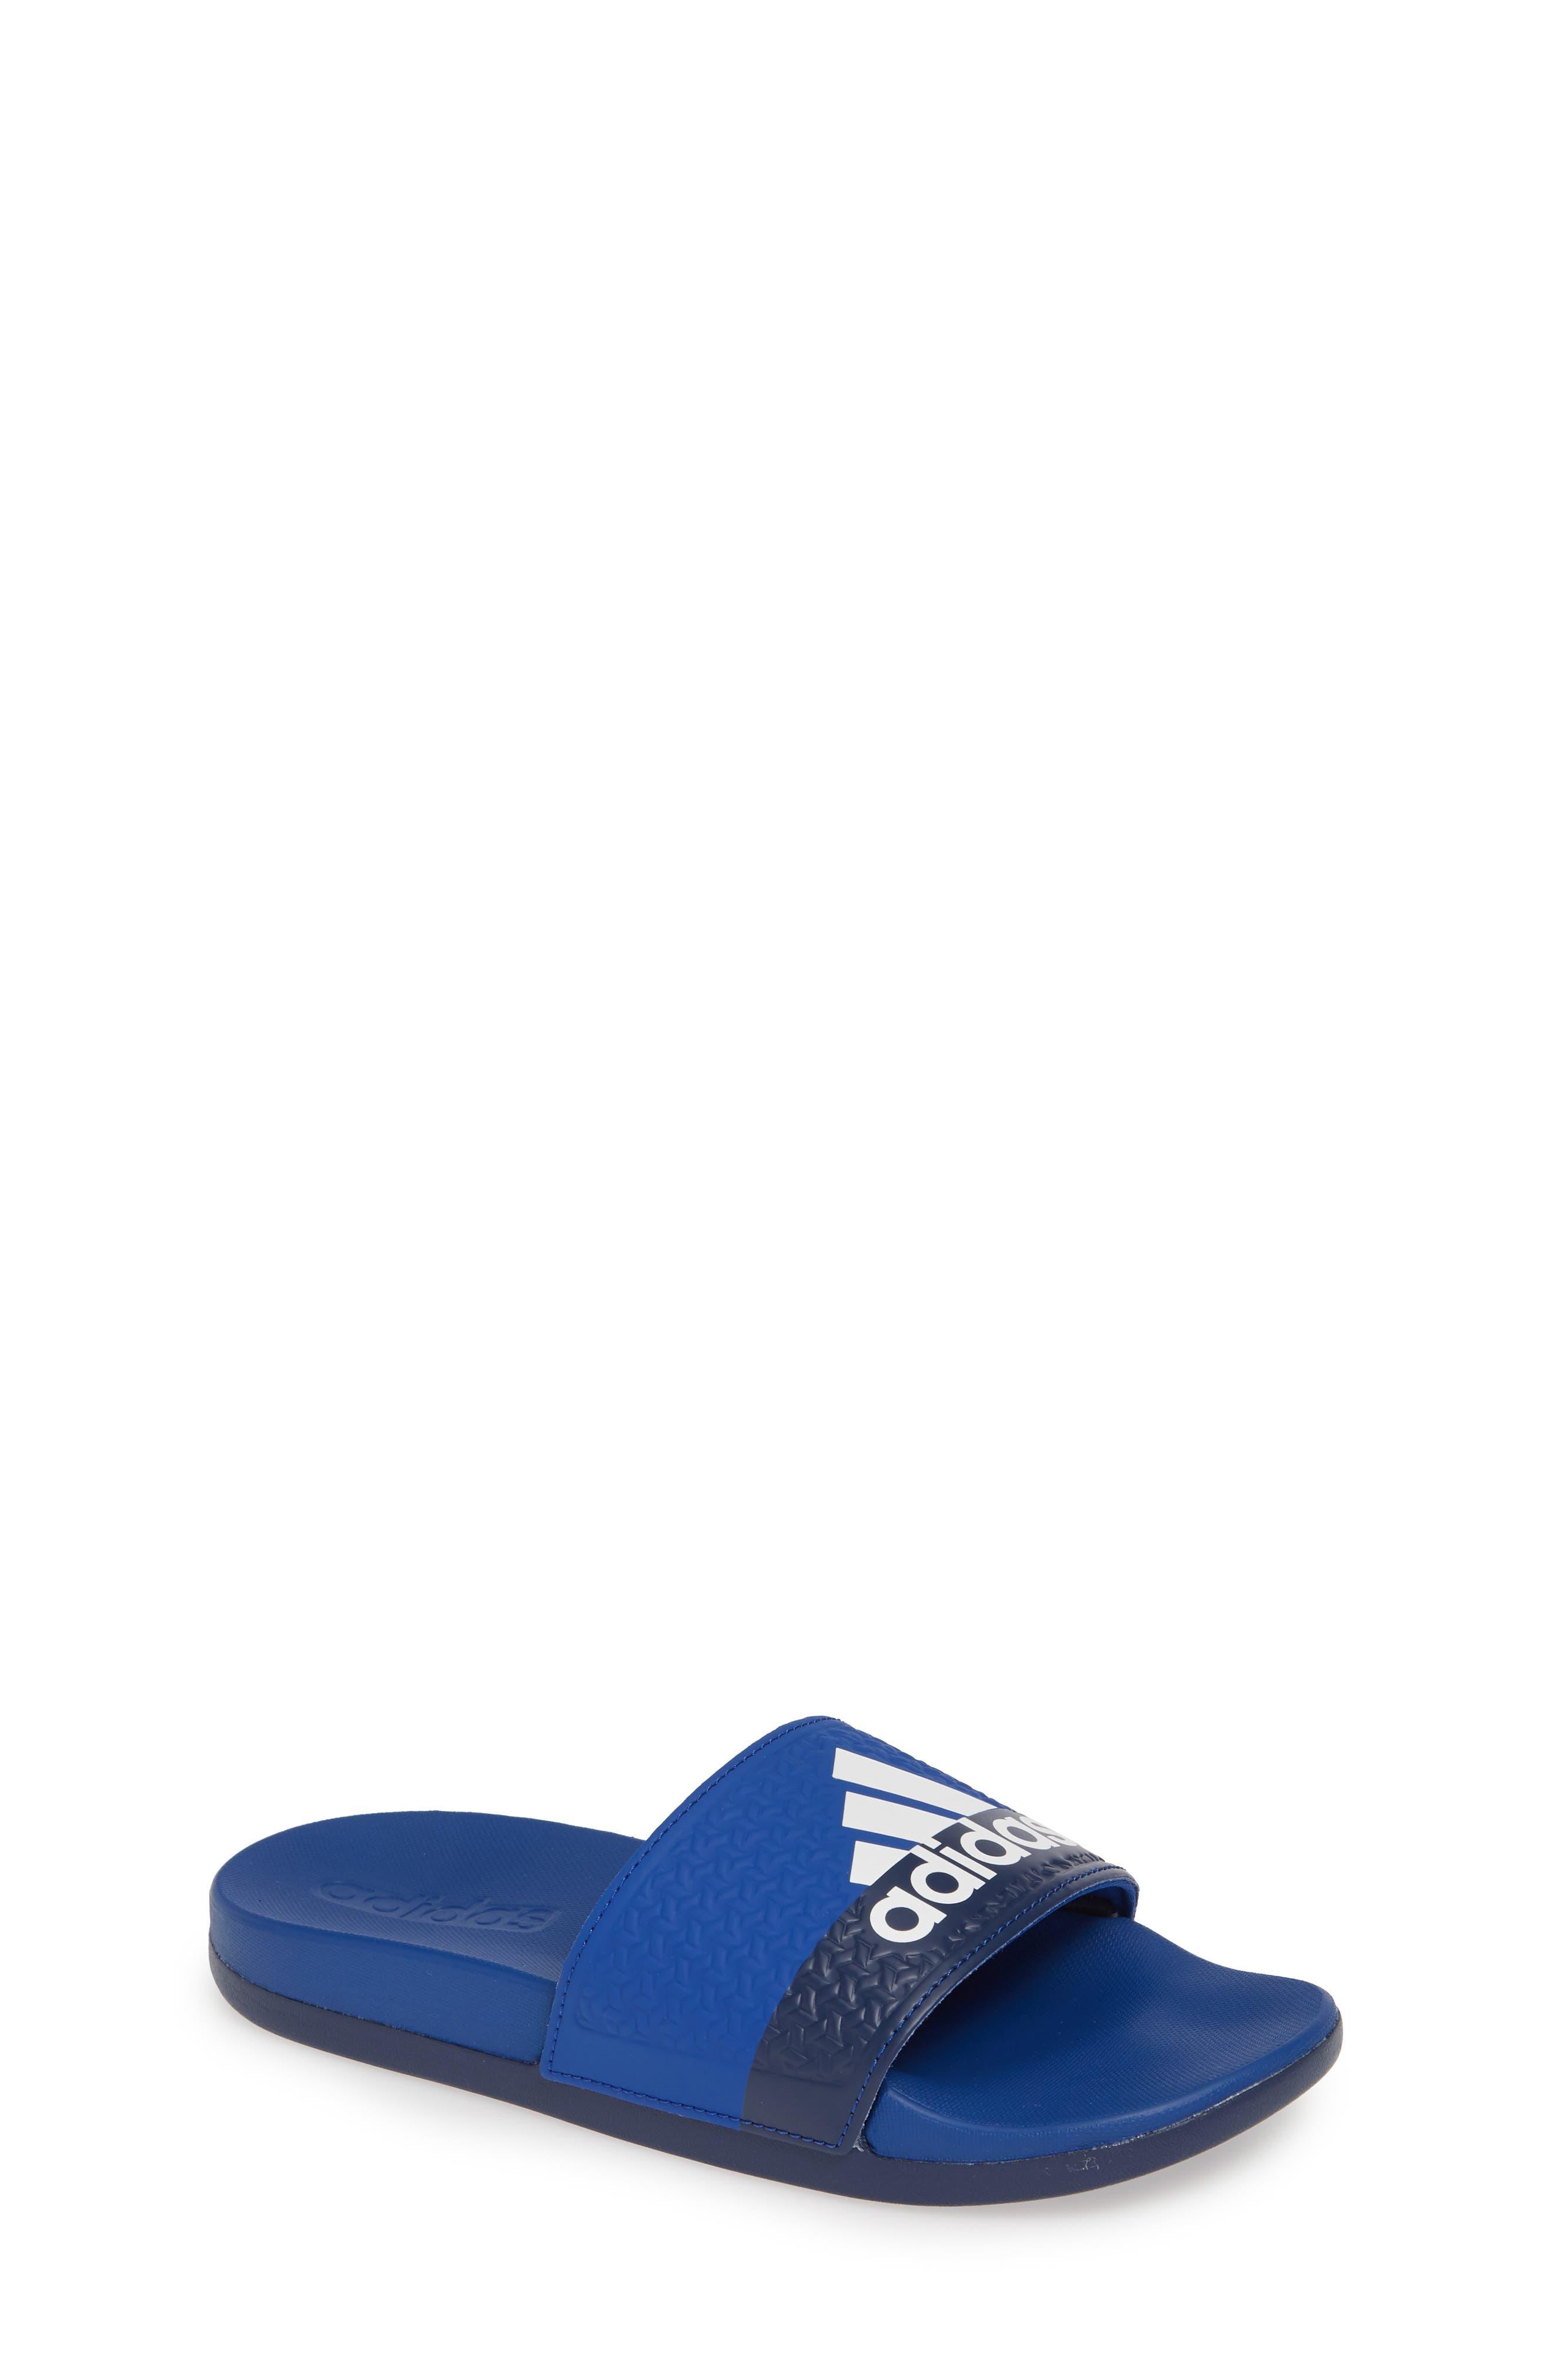 Adilette Slide Sandal, Main, color, COLLEGIATE ROYAL/ WHITE/ BLUE